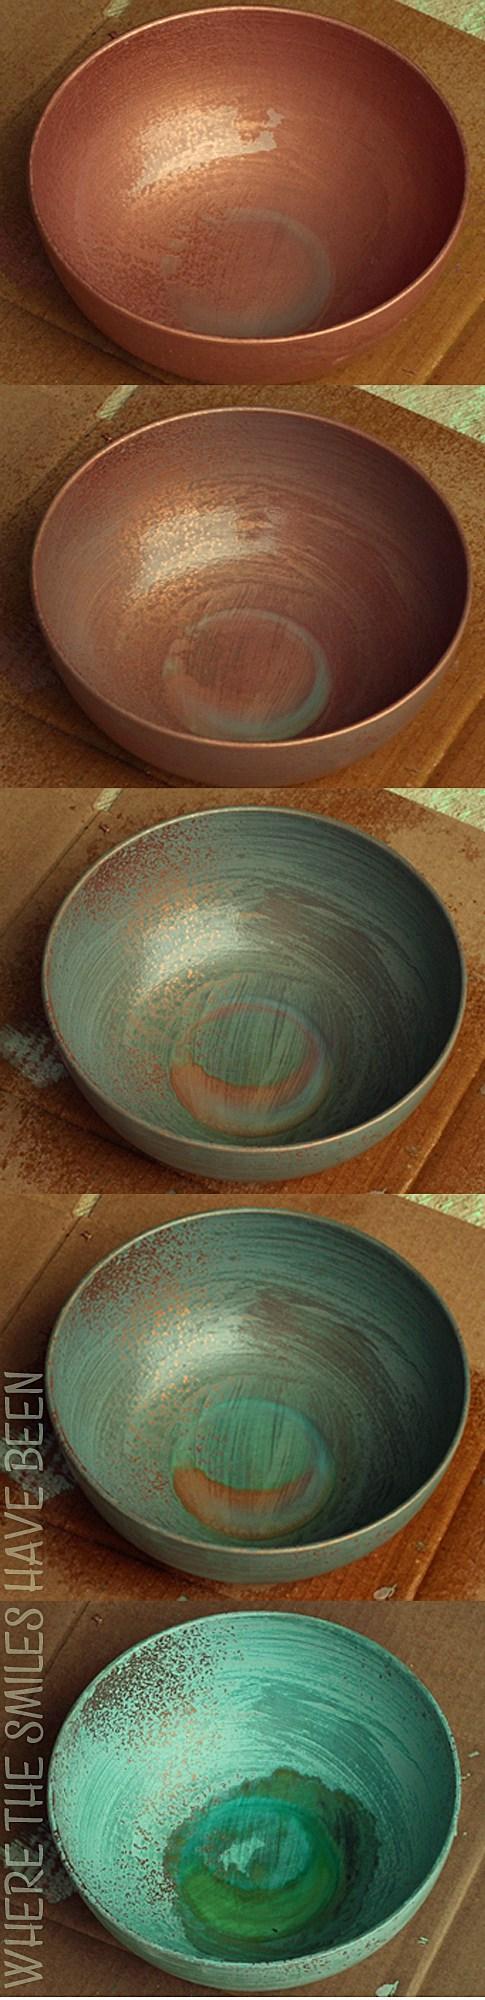 Ιδέες τεχνικής πατίνας και παλαιώσης μετάλλων20